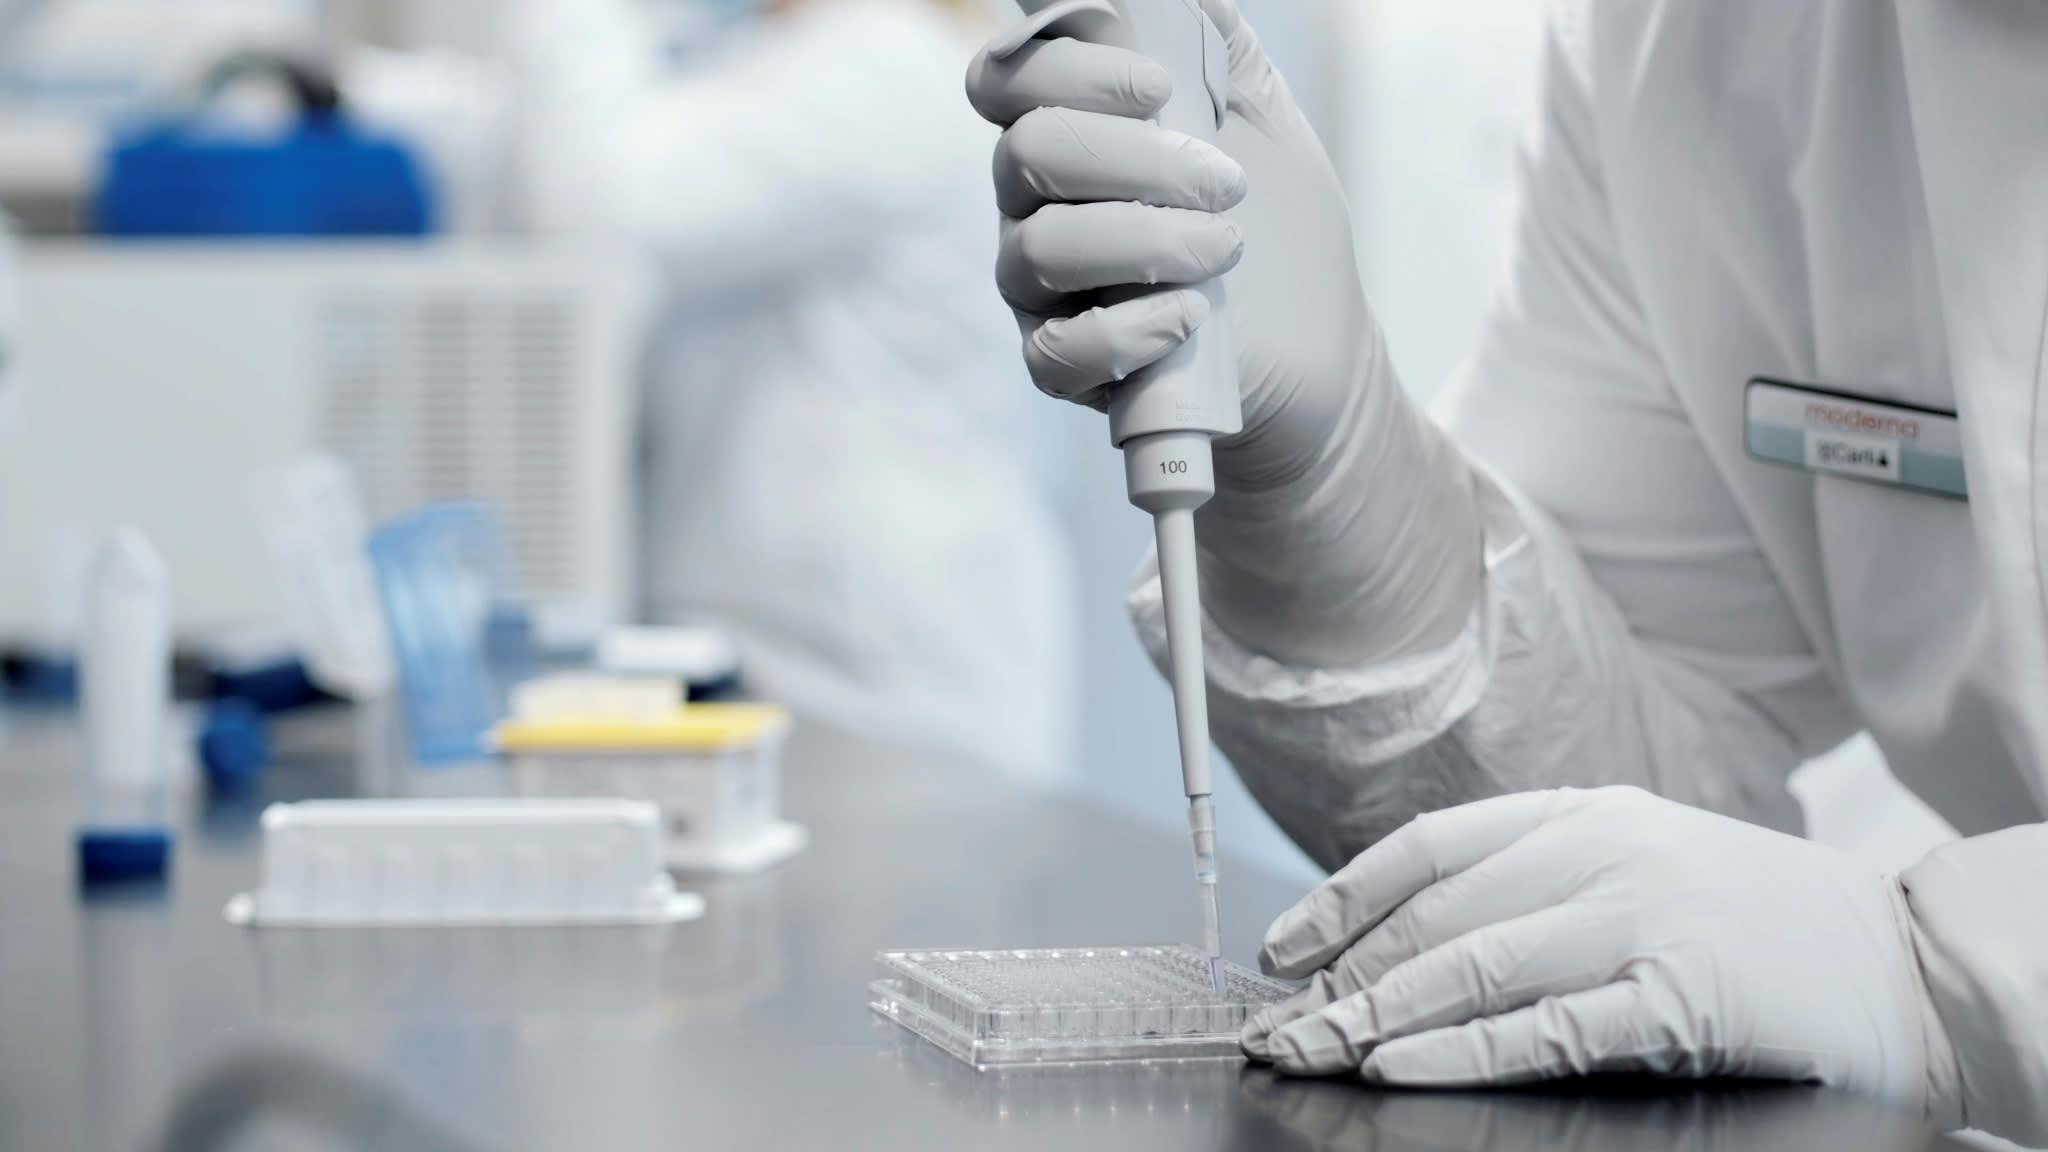 Η.Π.Α εμβόλιο: Έγκριση και για δεύτερο εμβόλιο Covid-19